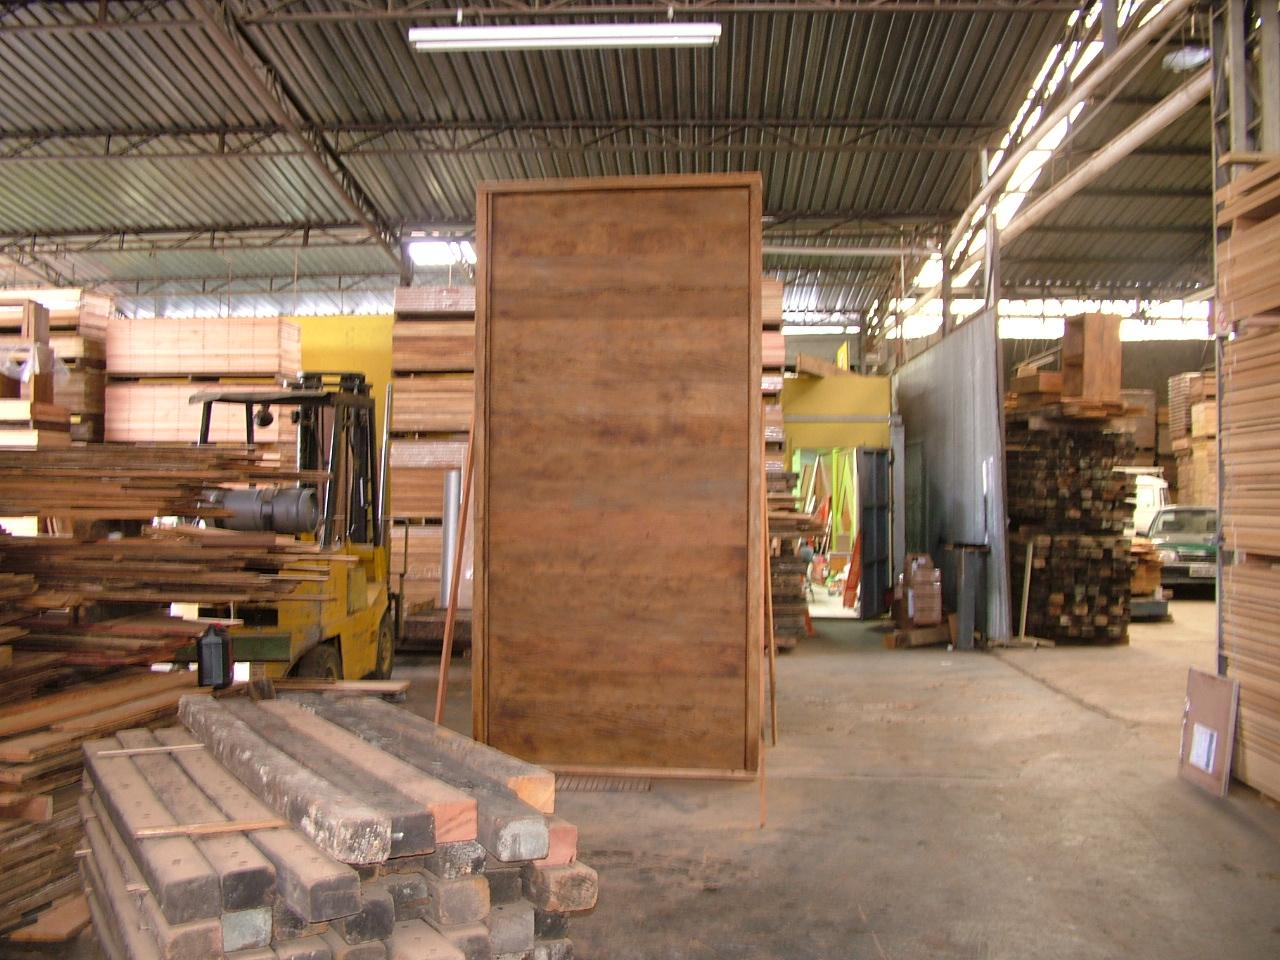 porta em madeira de demolicao Madeira de Demolição #AB8820 1280x960